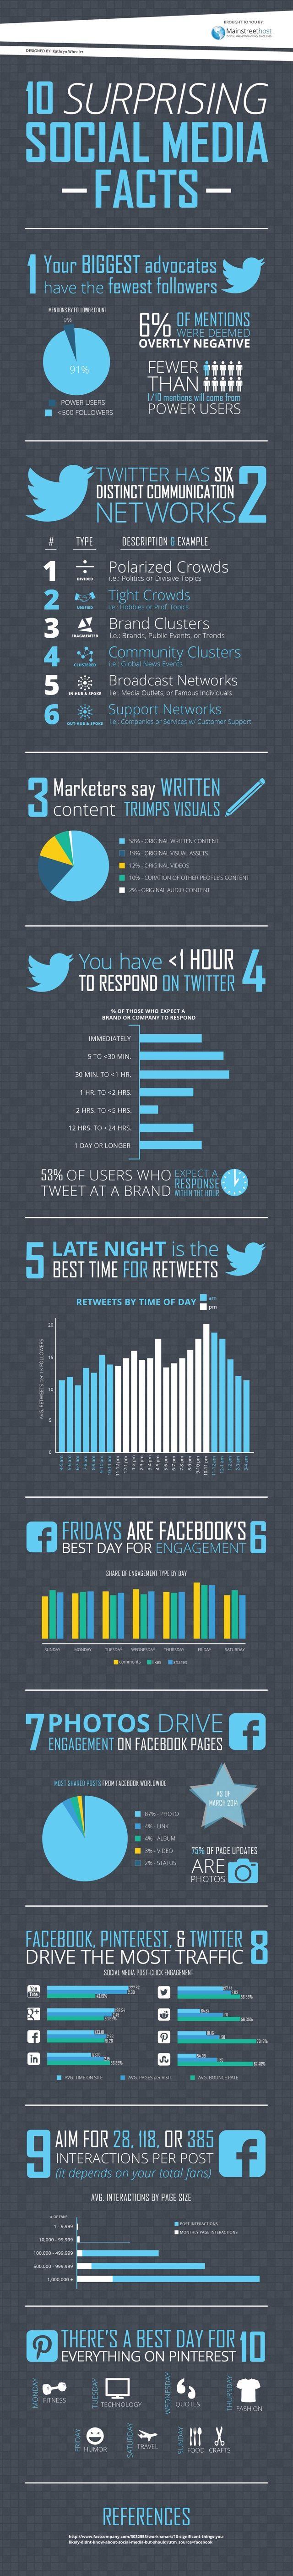 facts social media